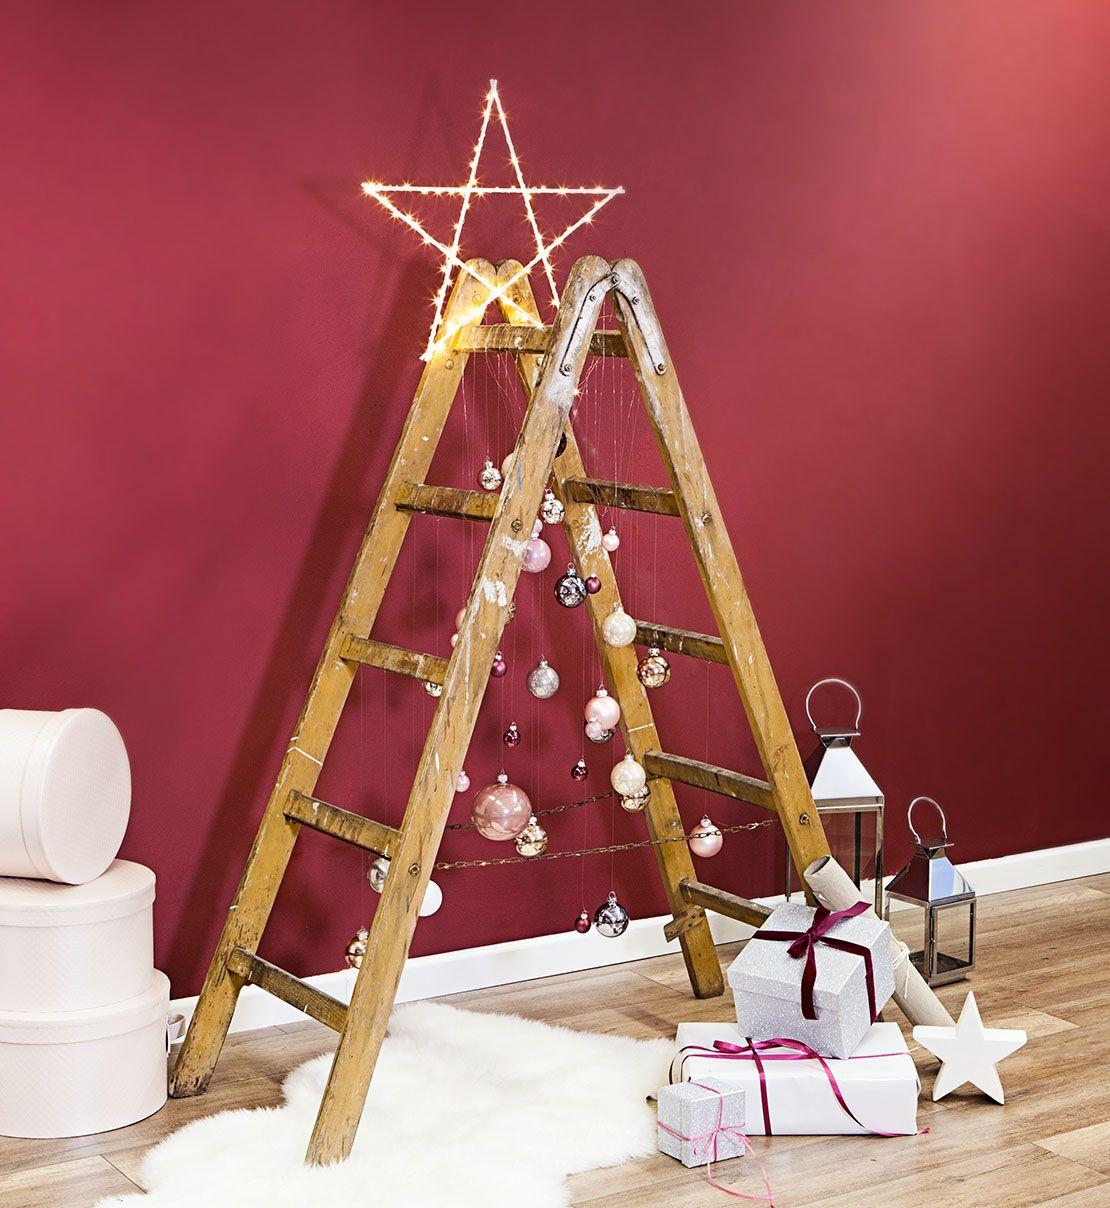 Be modern kreative weihnachtsbaum alternativen hochzeit pinterest weihnachtsbaum baum - Christbaum alternative ...